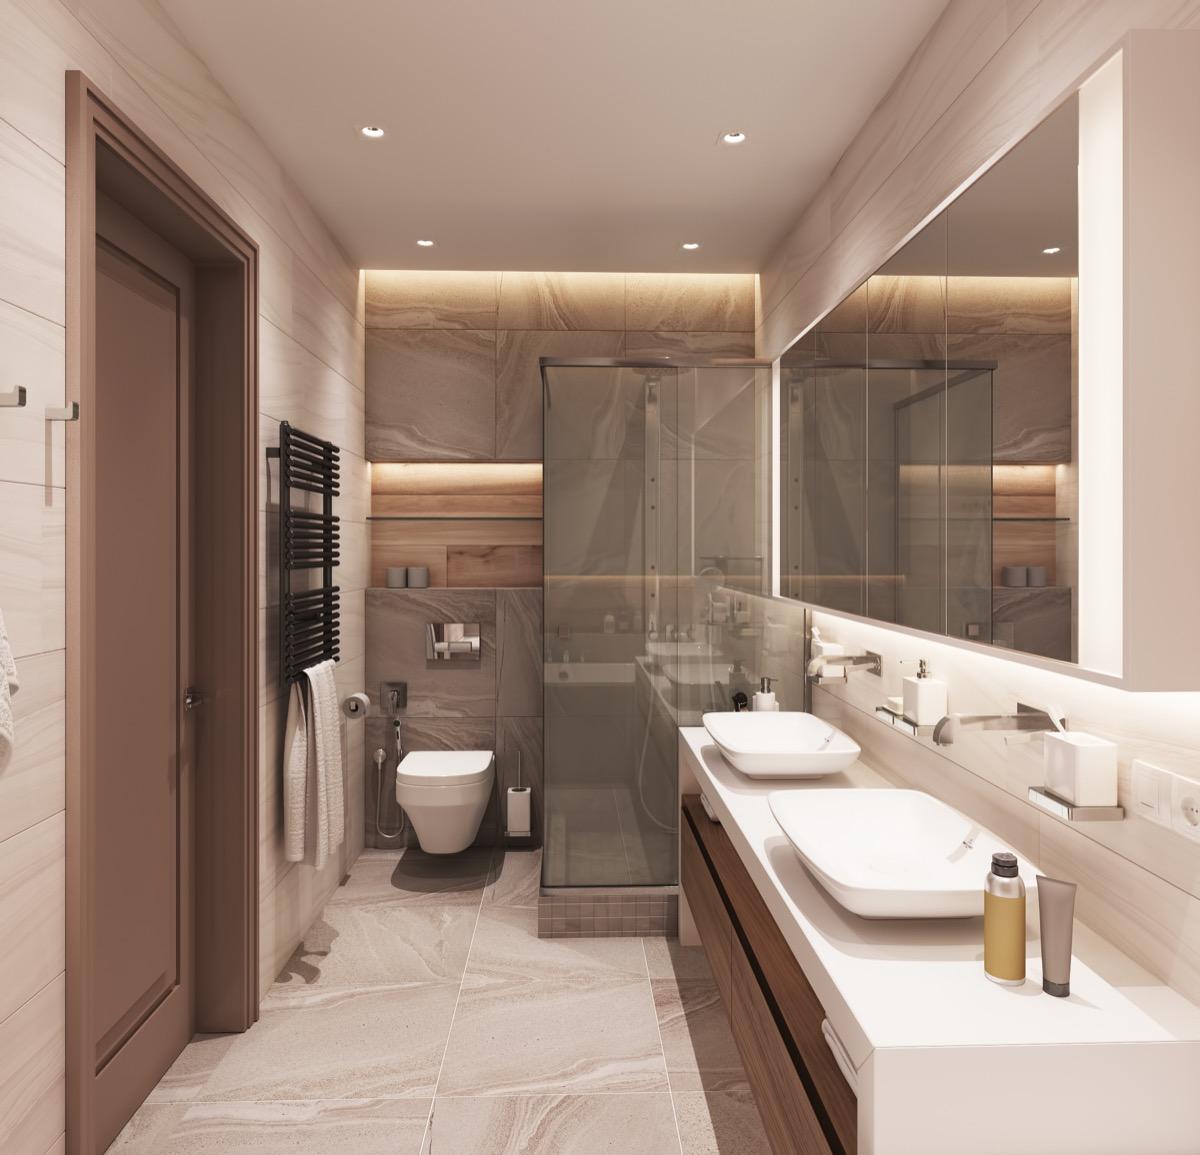 Badkamer inspiratie cre er een ruimte vol rust en ontspanning man man - Badkamer beige en bruin ...